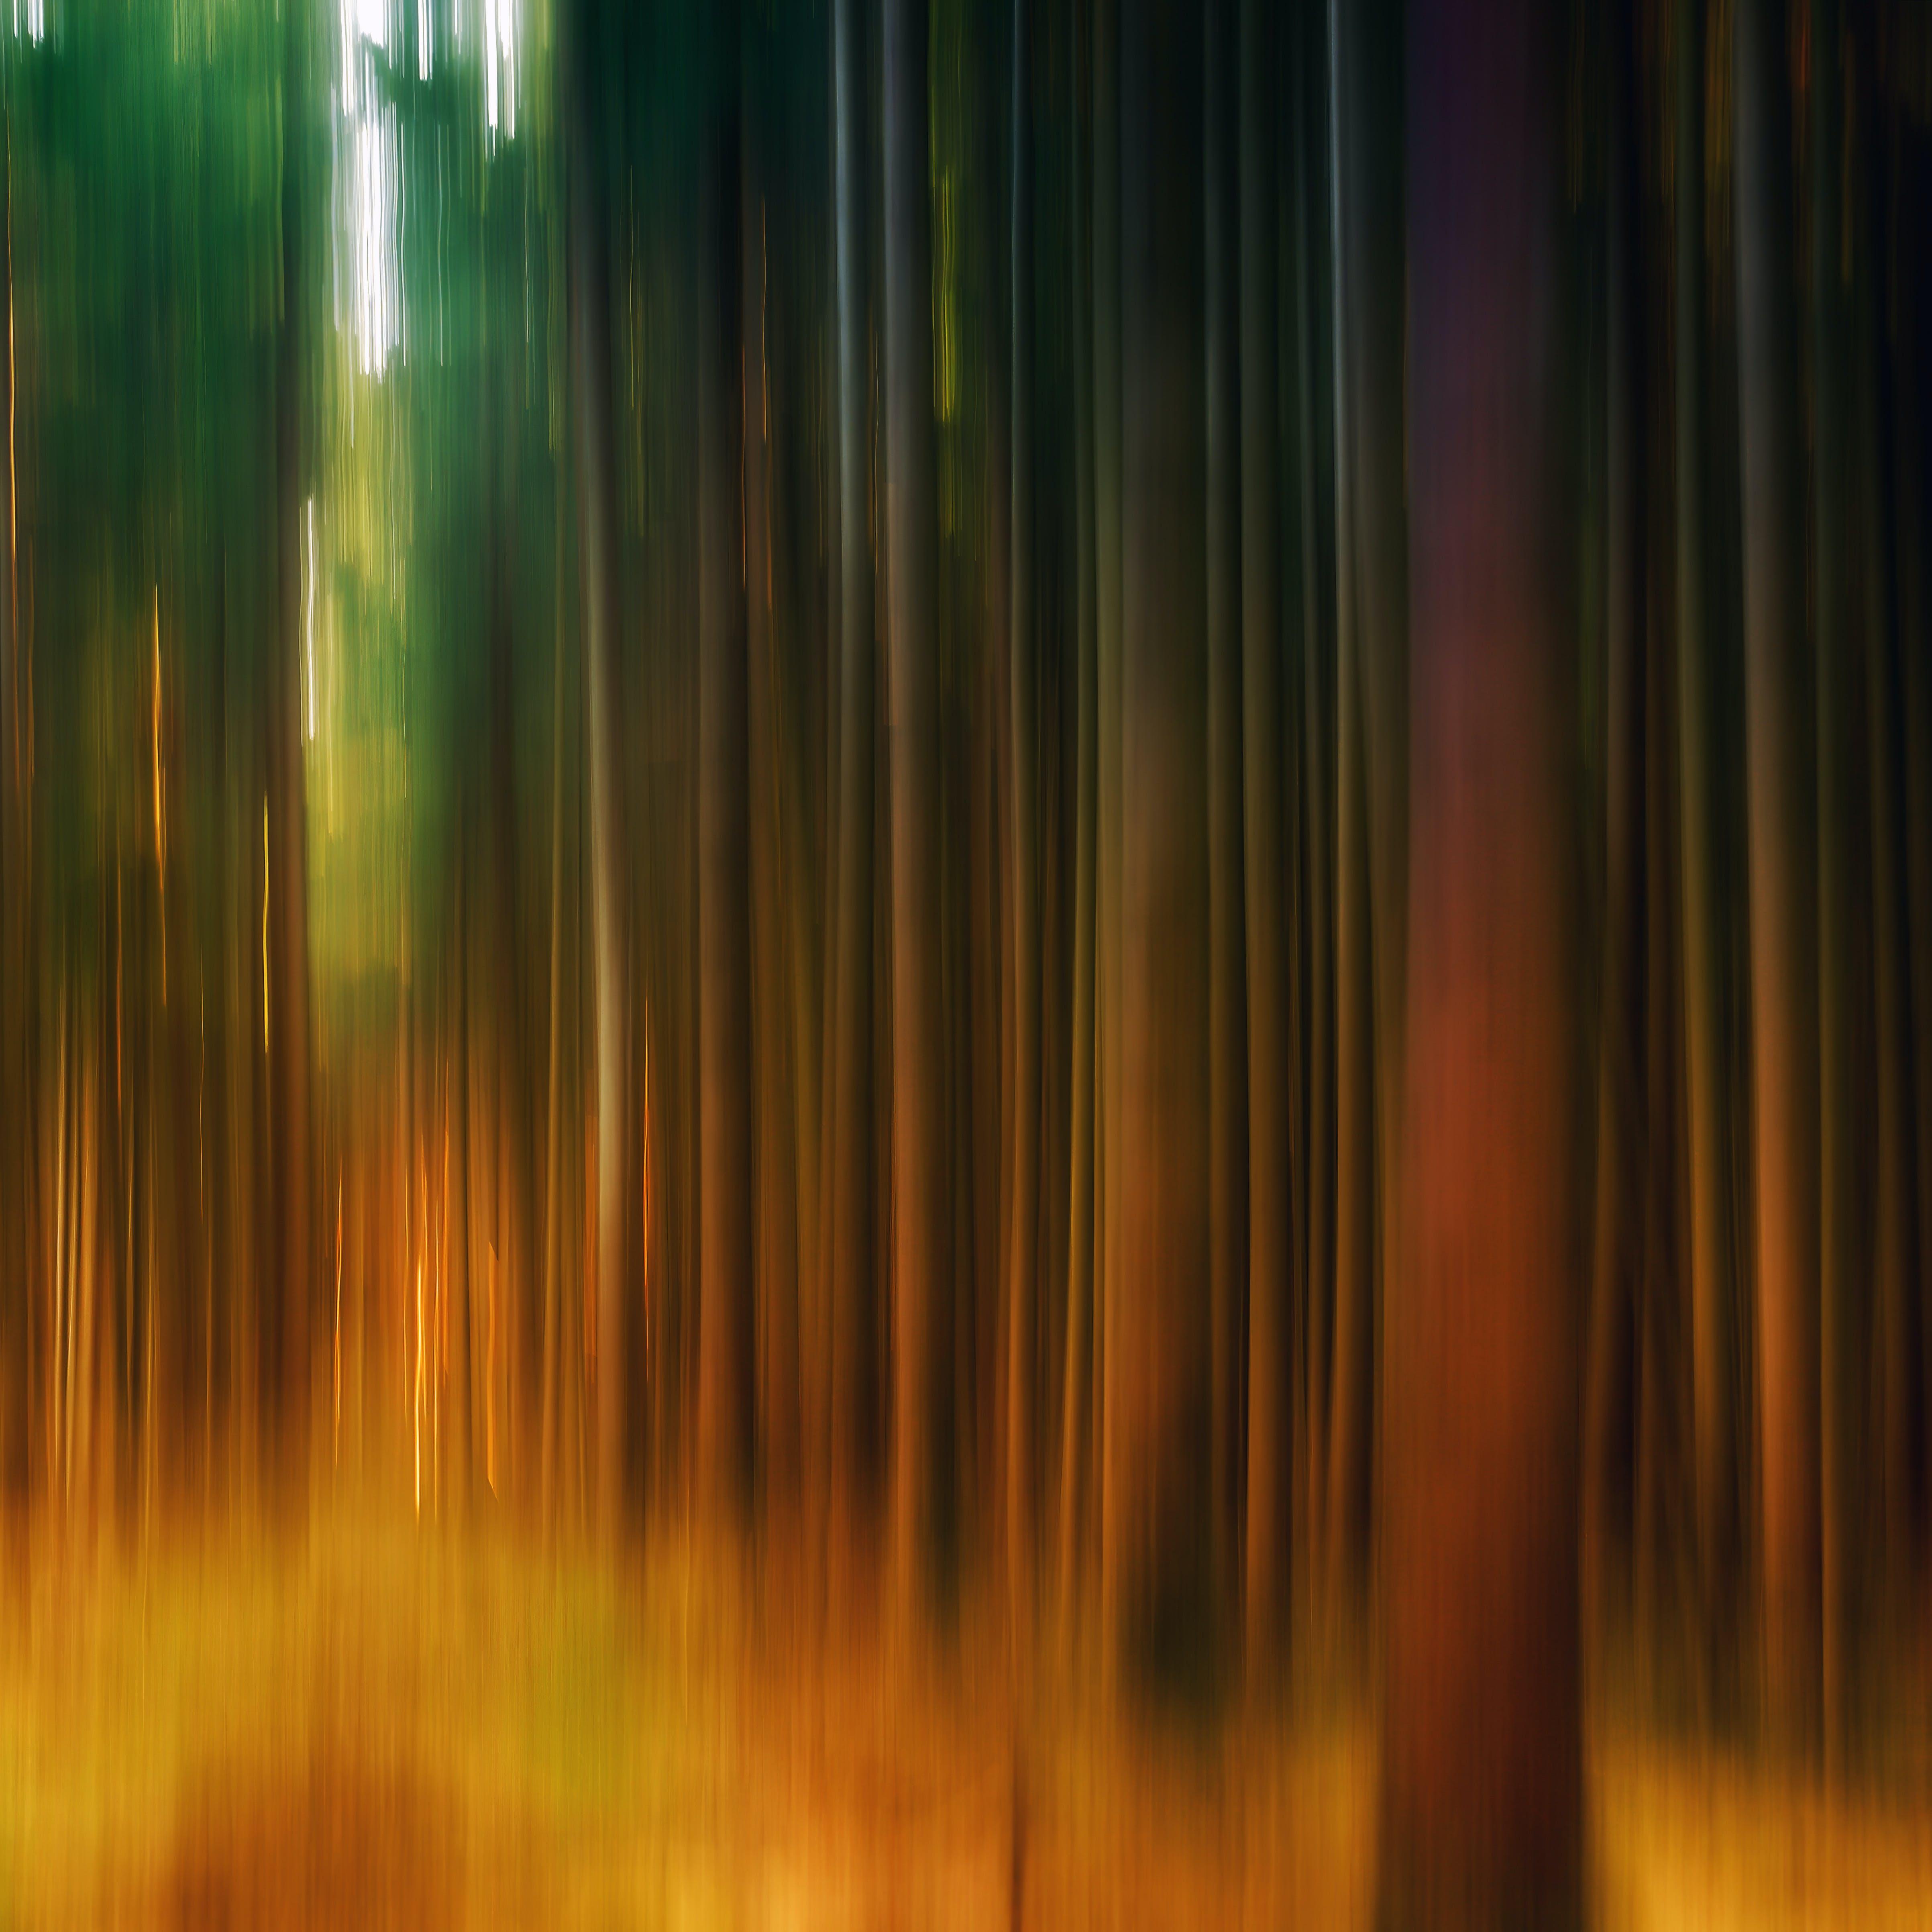 คลังภาพถ่ายฟรี ของ การทาสี, ความคิดสร้างสรรค์, ผ้าใบ, พร่ามัว